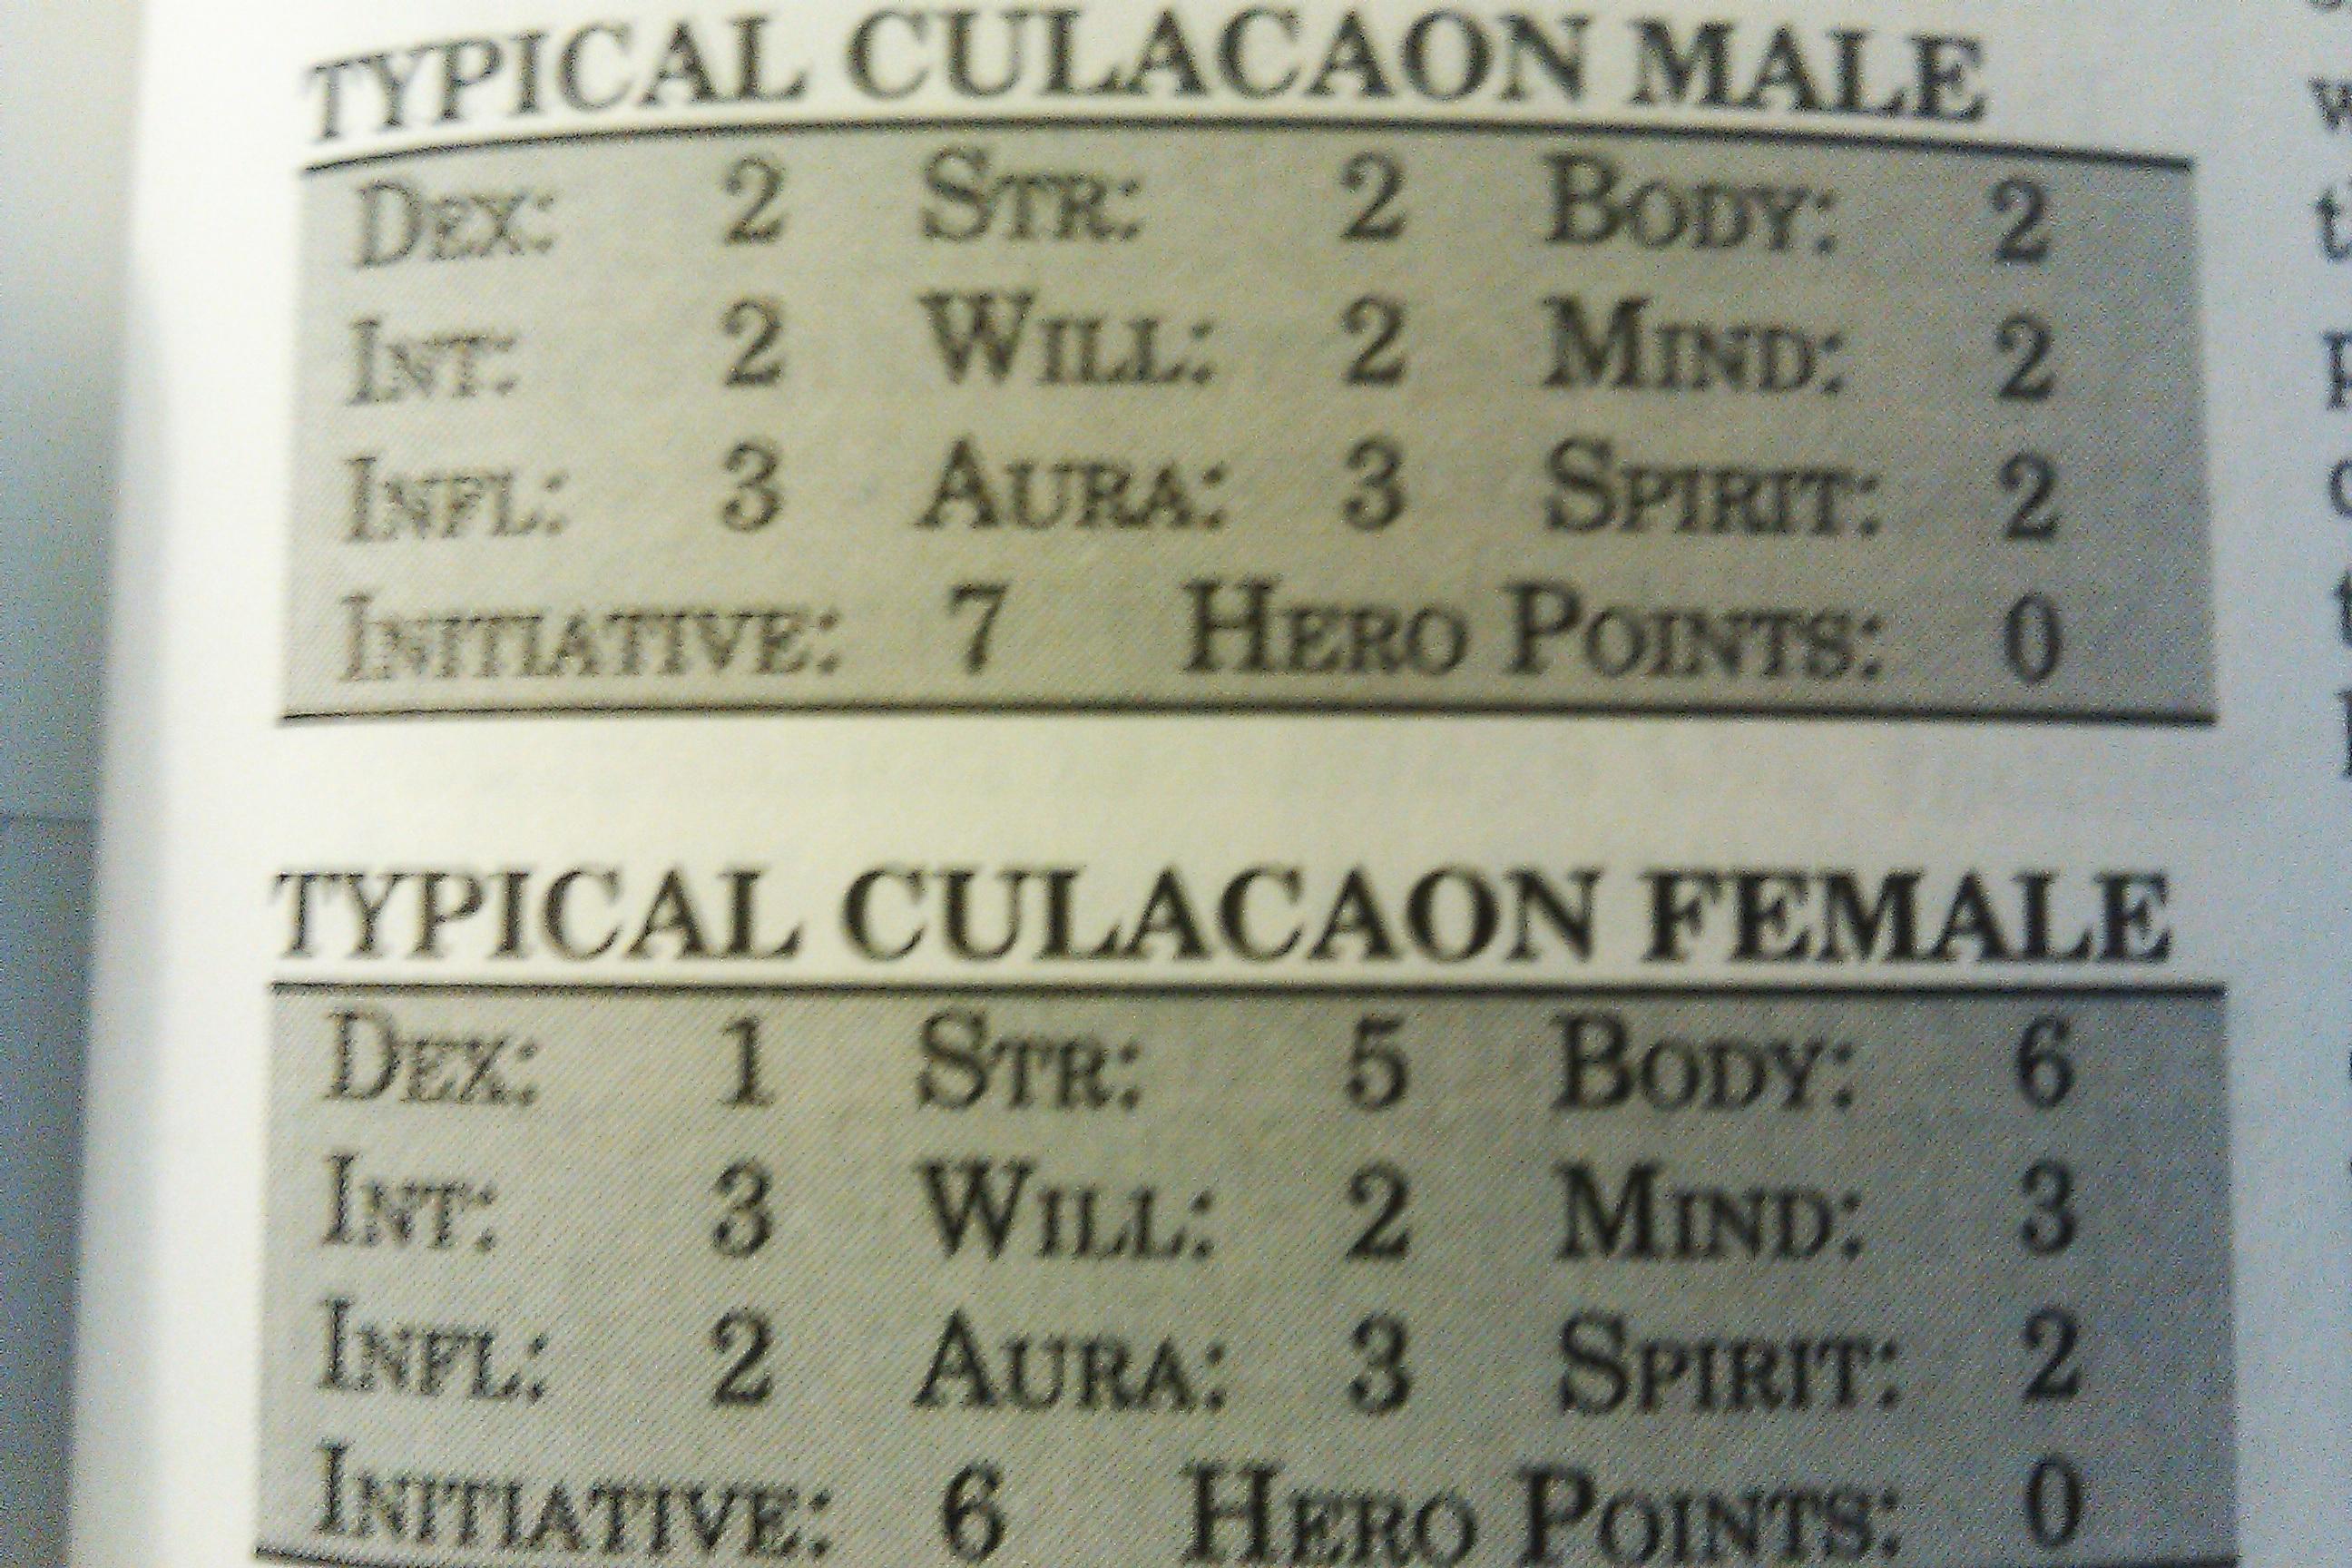 Culacaon